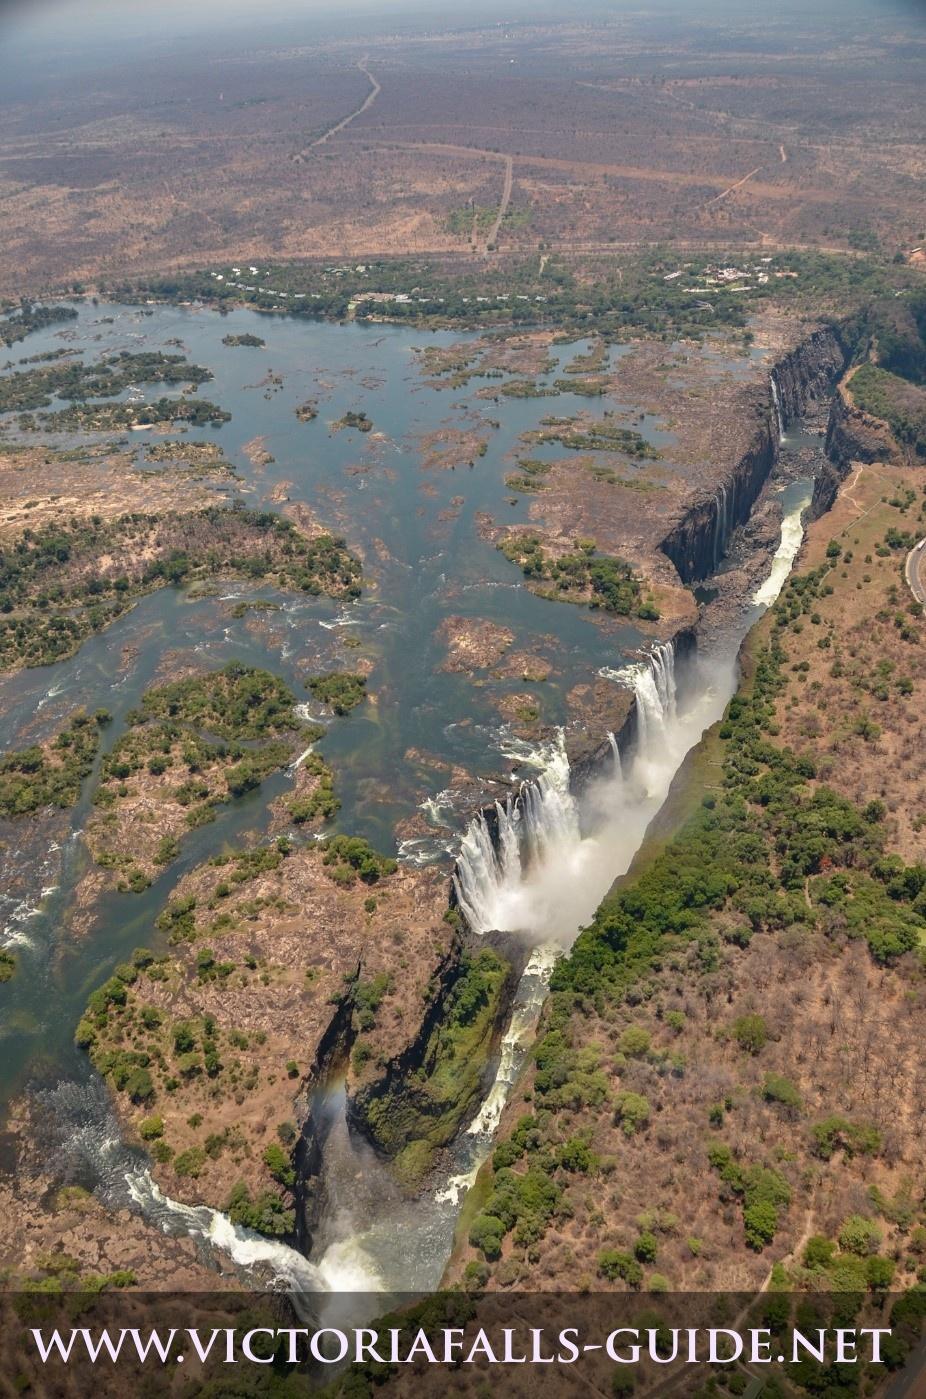 Aerial image of Victoria Falls Zimbabwe side taken 7 November 2014